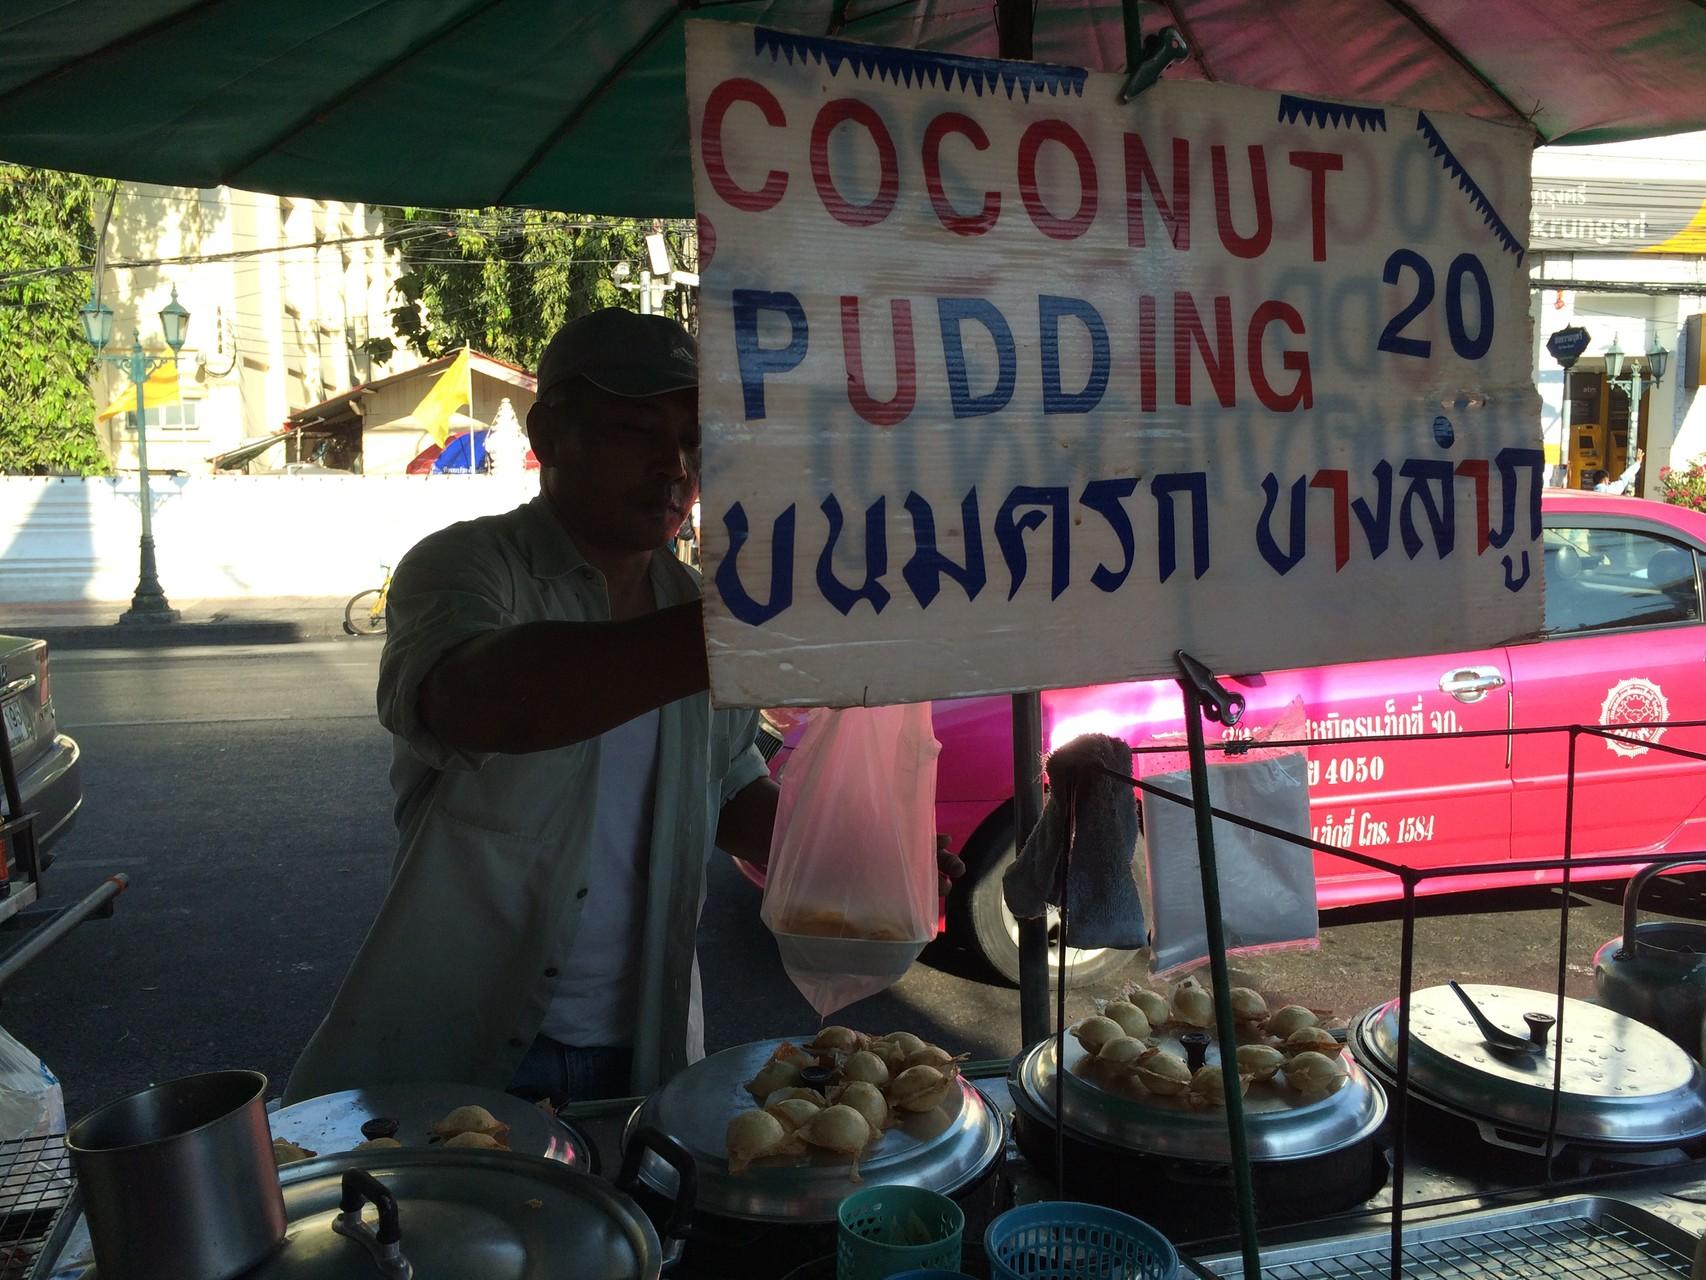 ココナッツミルクで作ったたこ焼きみたいなプリン。周りがカリカリで中はトロリ。ココナッツの風味豊か♪